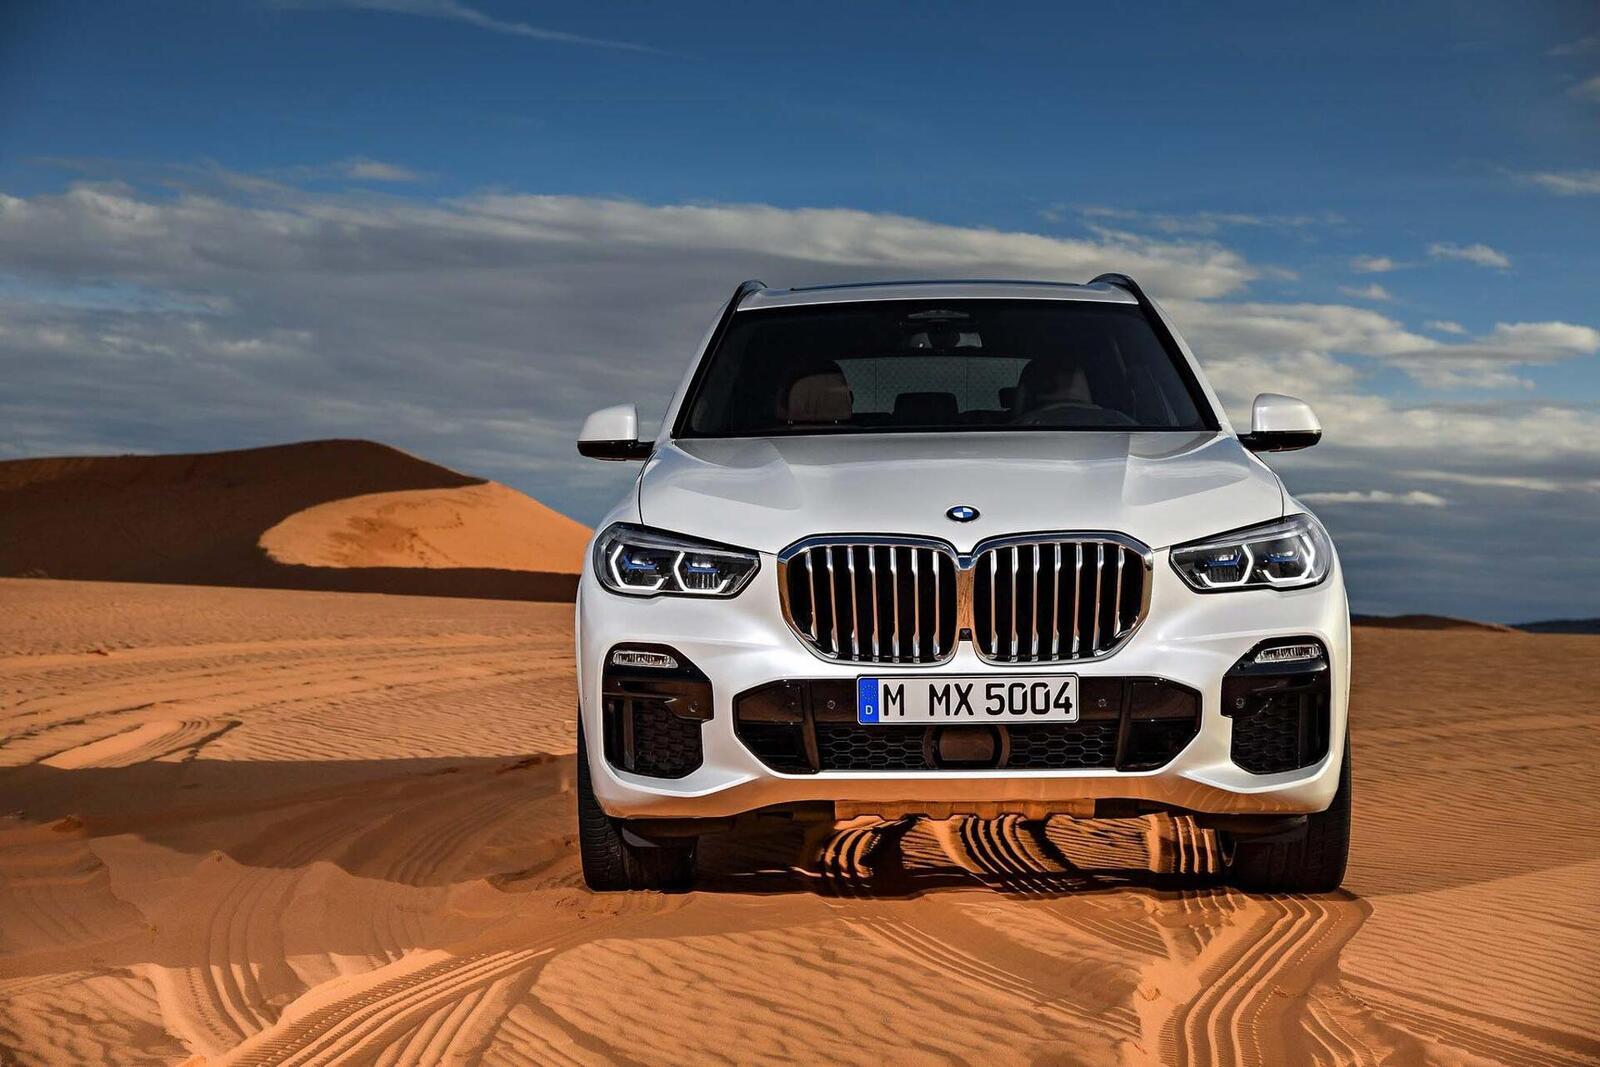 Hôm nay BMW X7 và X5 thế hệ mới sẽ ra mắt tại Việt Nam; mời các bác dự đoán giá bán - Hình 9